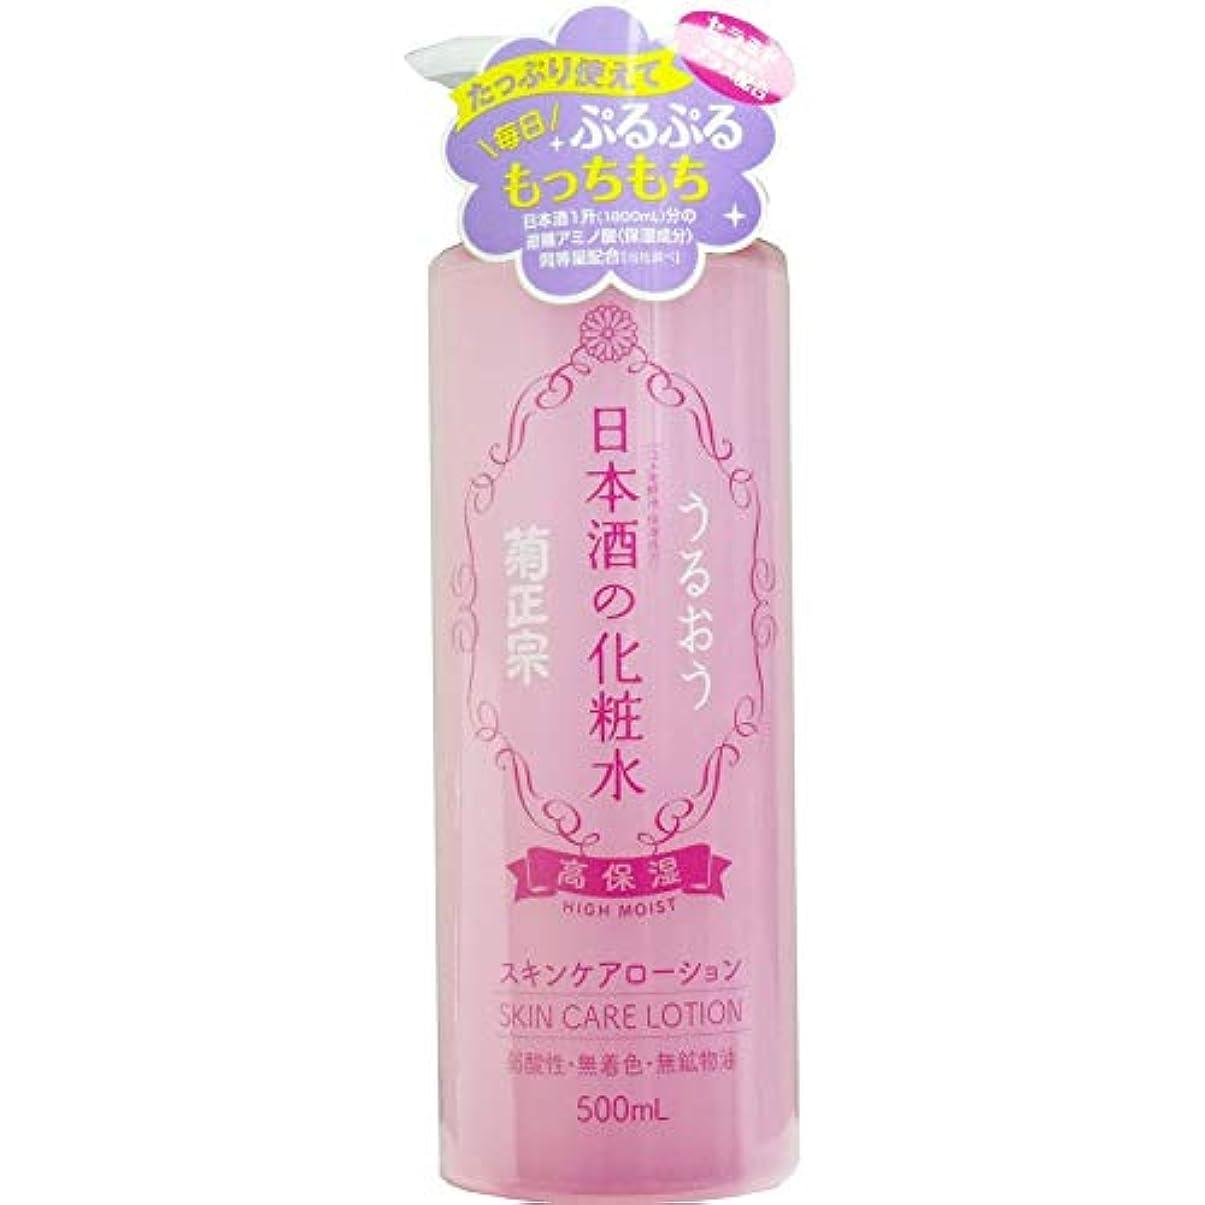 炭水化物中国リード日本酒の化粧水 菊政宗 化粧水 500ml×2本セット